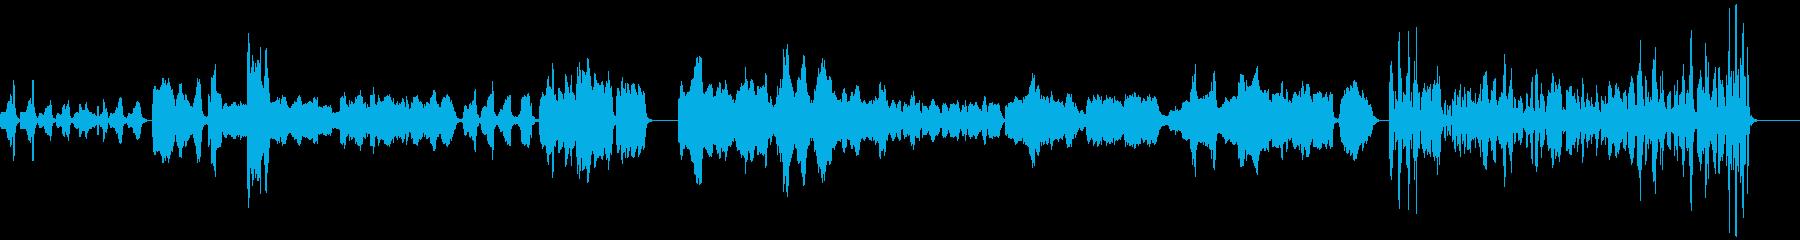 シュールなリコーダー曲の再生済みの波形